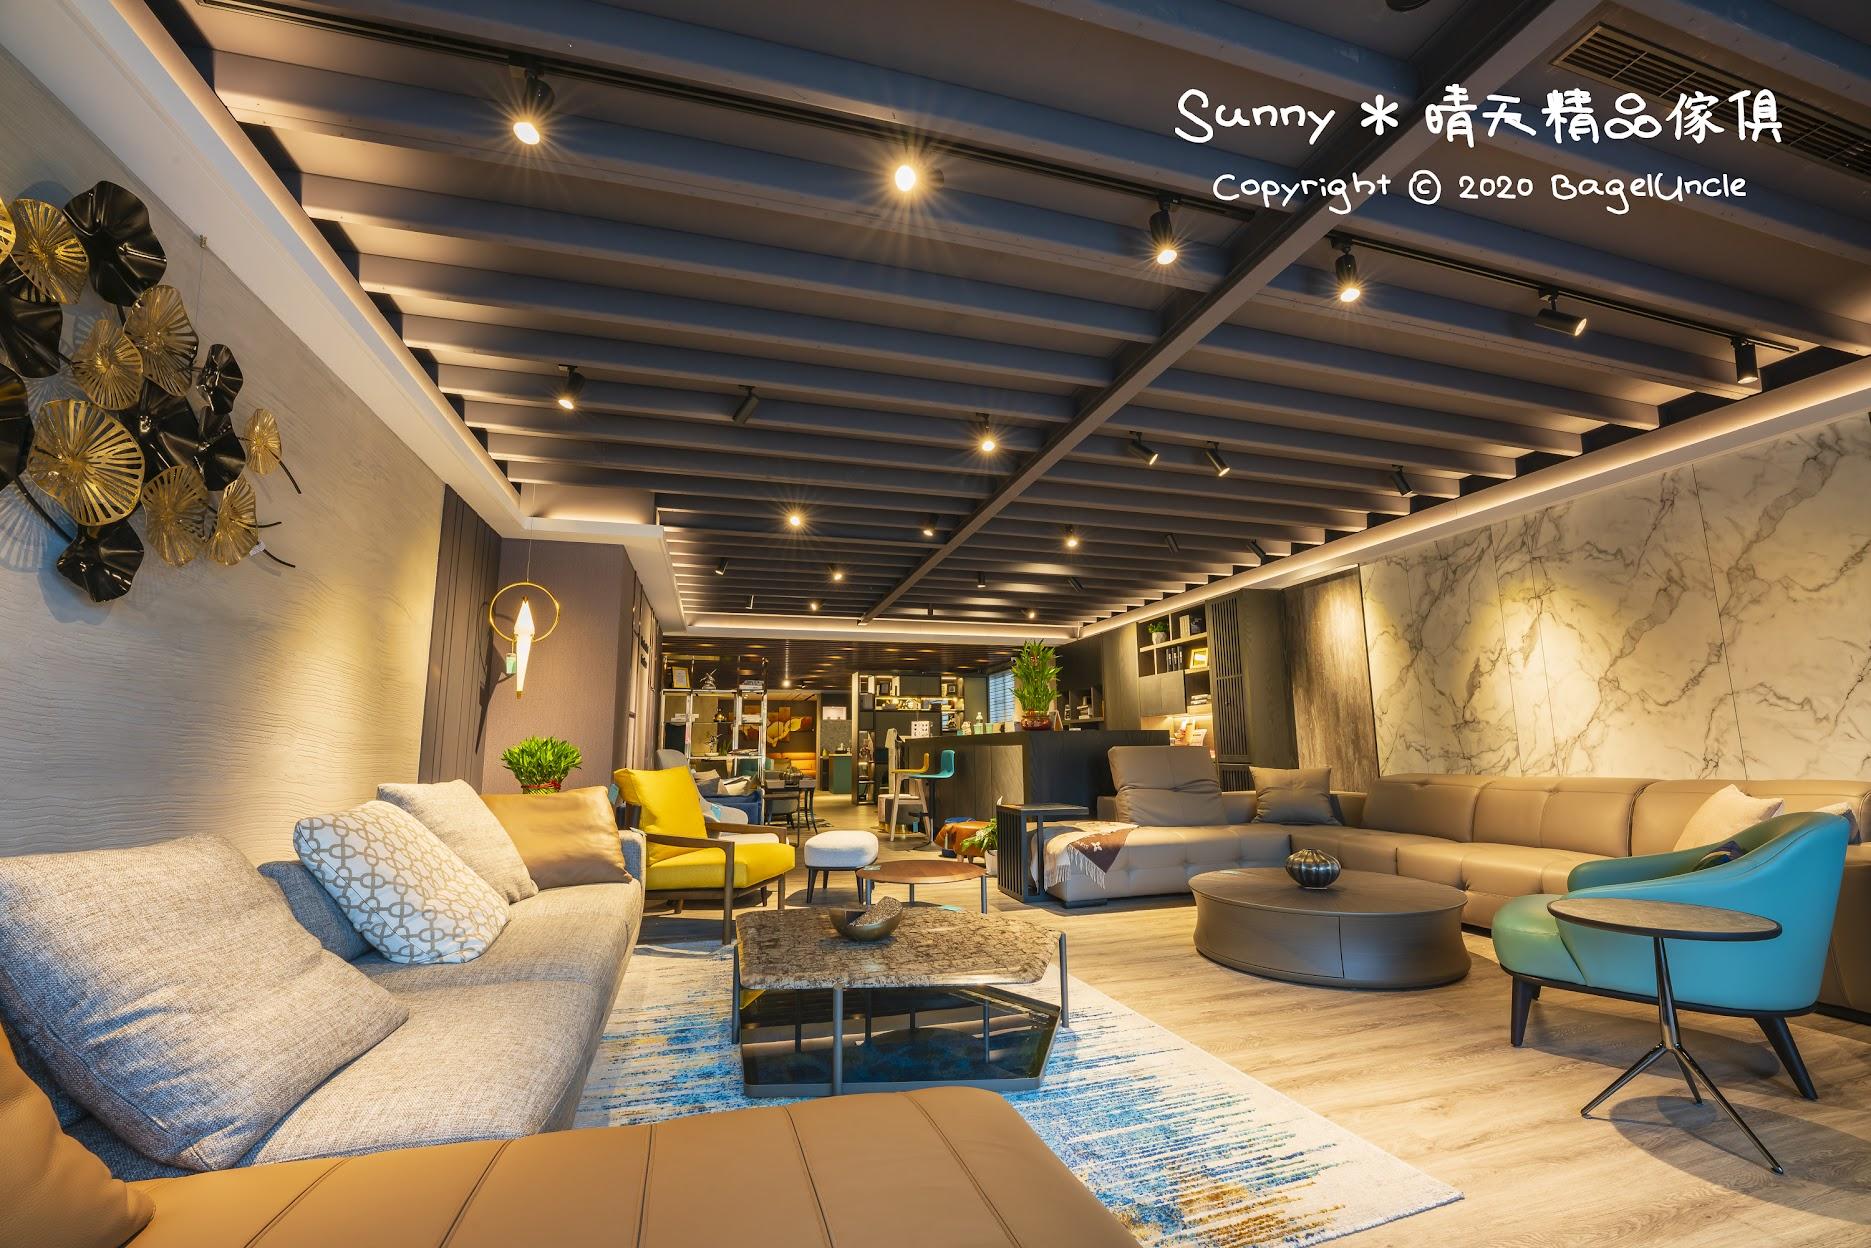 【傢俱】桃園家具 Sunny晴天精品家具 客製化家具 用MIT的高品質創造屬於自己的居家品味